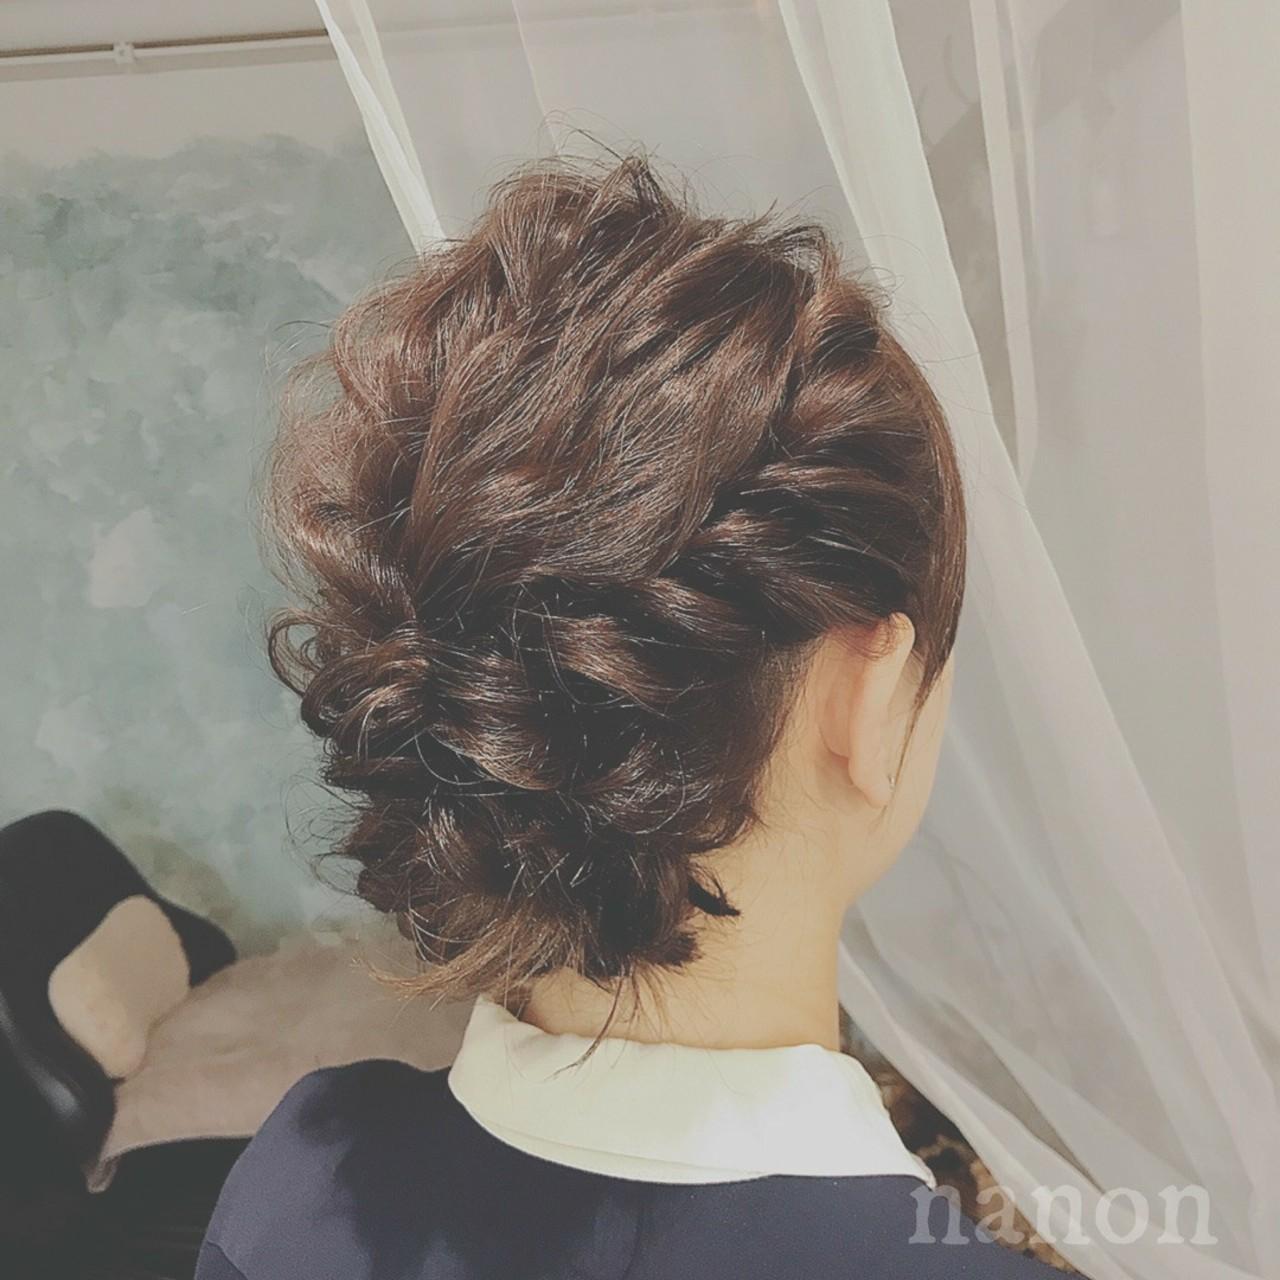 パーティ 大人かわいい 結婚式 ヘアアレンジ ヘアスタイルや髪型の写真・画像 | 浦川由起江 / nanon